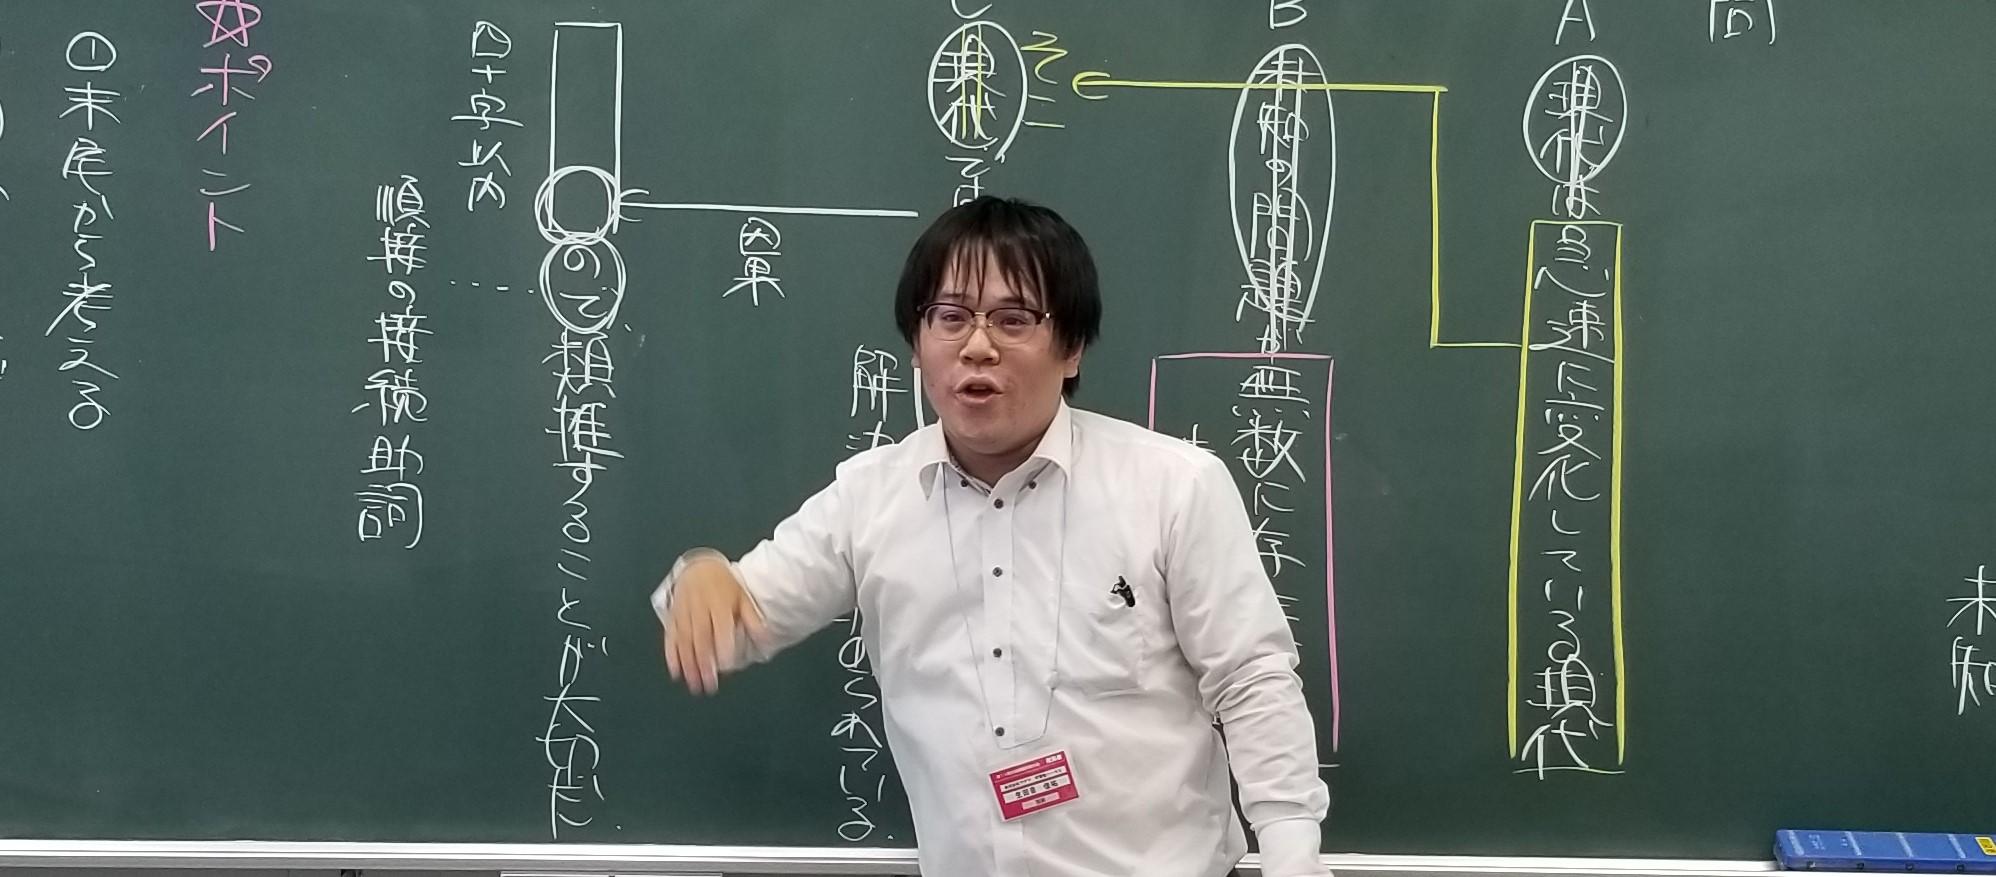 トーゼミ 坂戸校 生田目 1